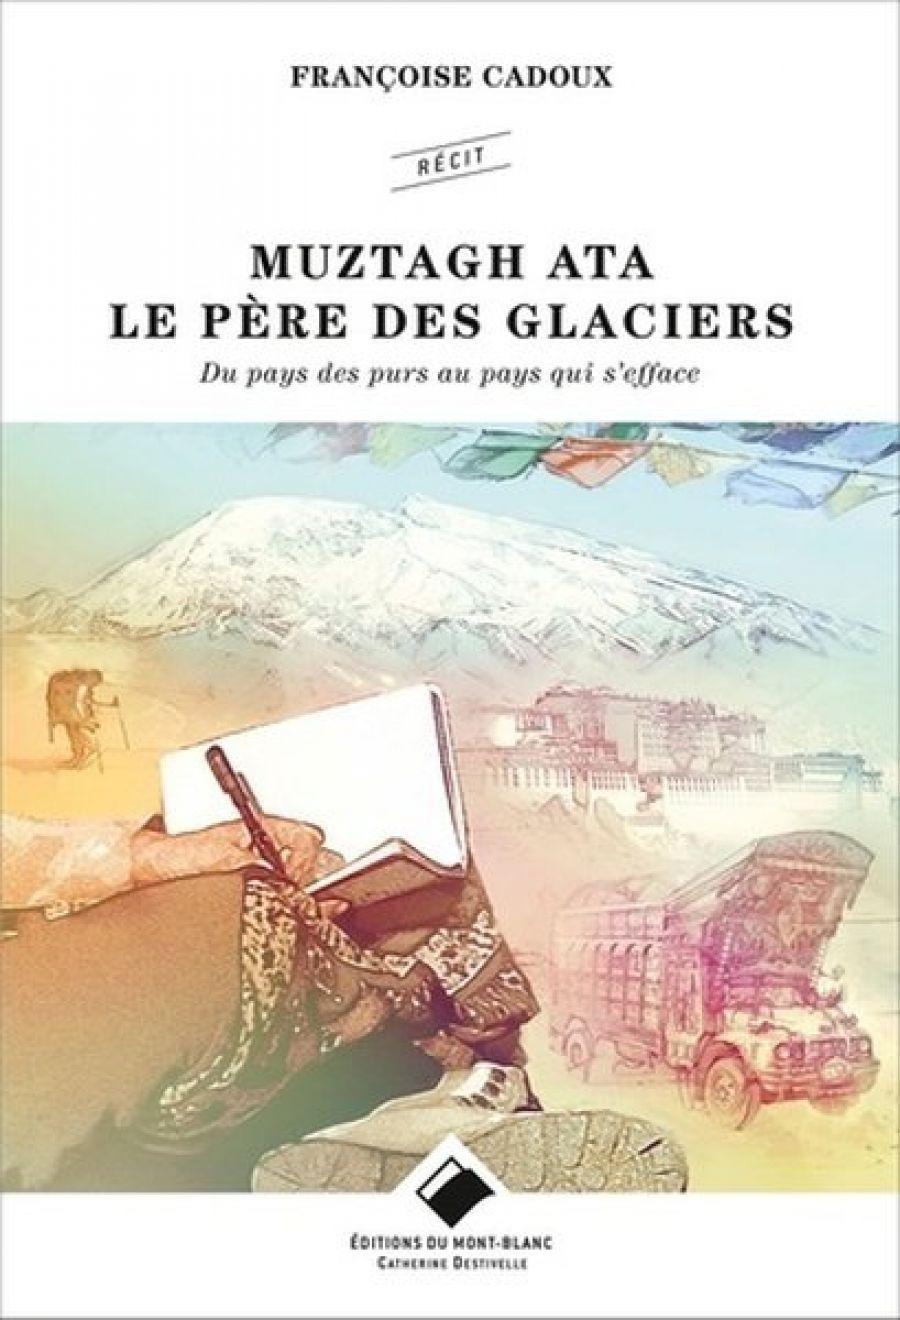 Festival le printemps de la montagne - Rencontre goûter littéraire : Françoise Cadoux/ Muztagh Ata, le père des glaciers